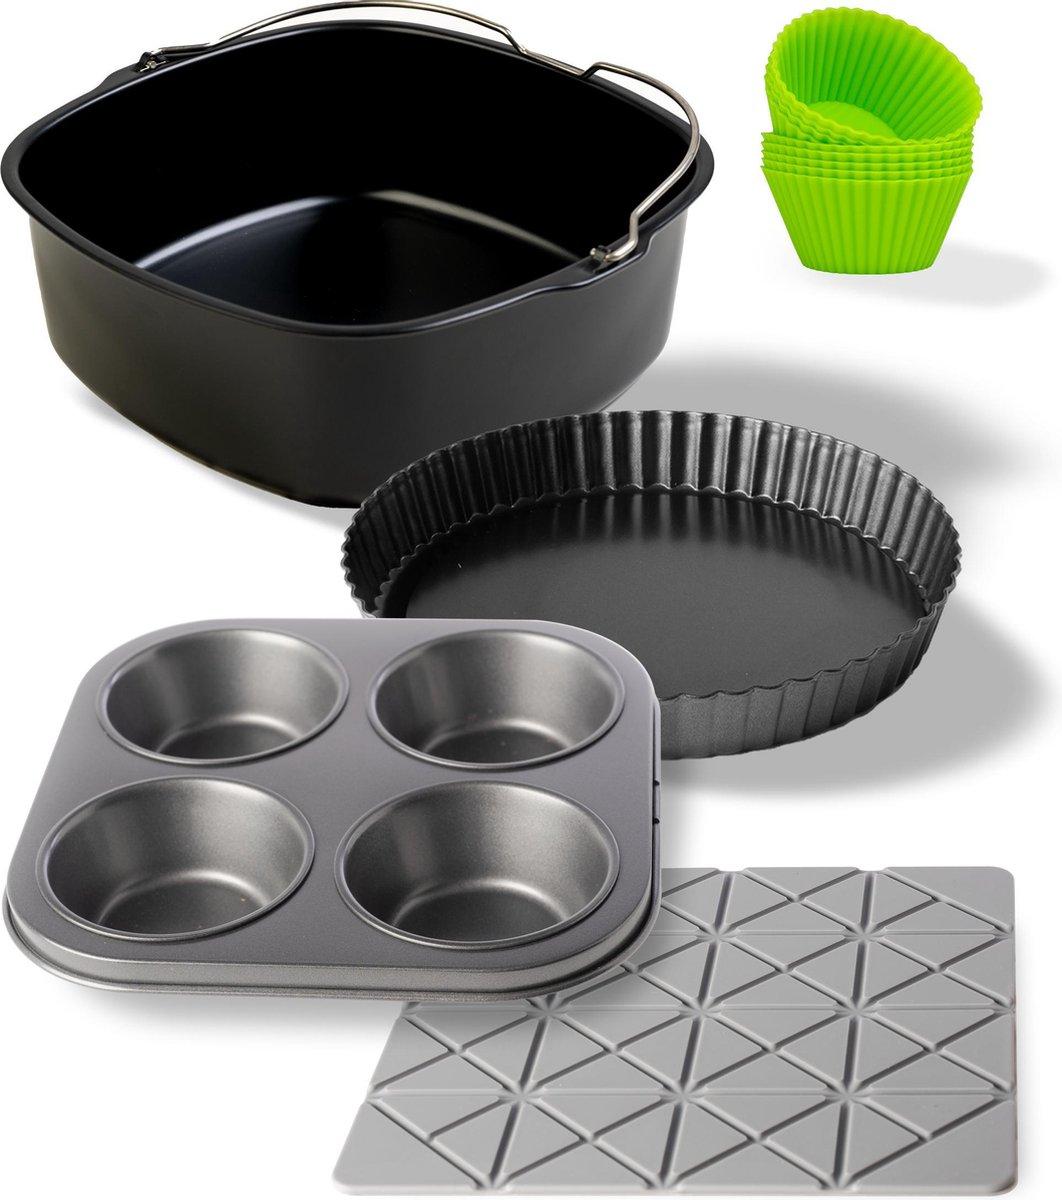 Culi-N-Air XXL Accessoires Geschikt voor Airfryer - Inclusief Bakblik, Muffinvorm, Quichevorm & Onderzetter